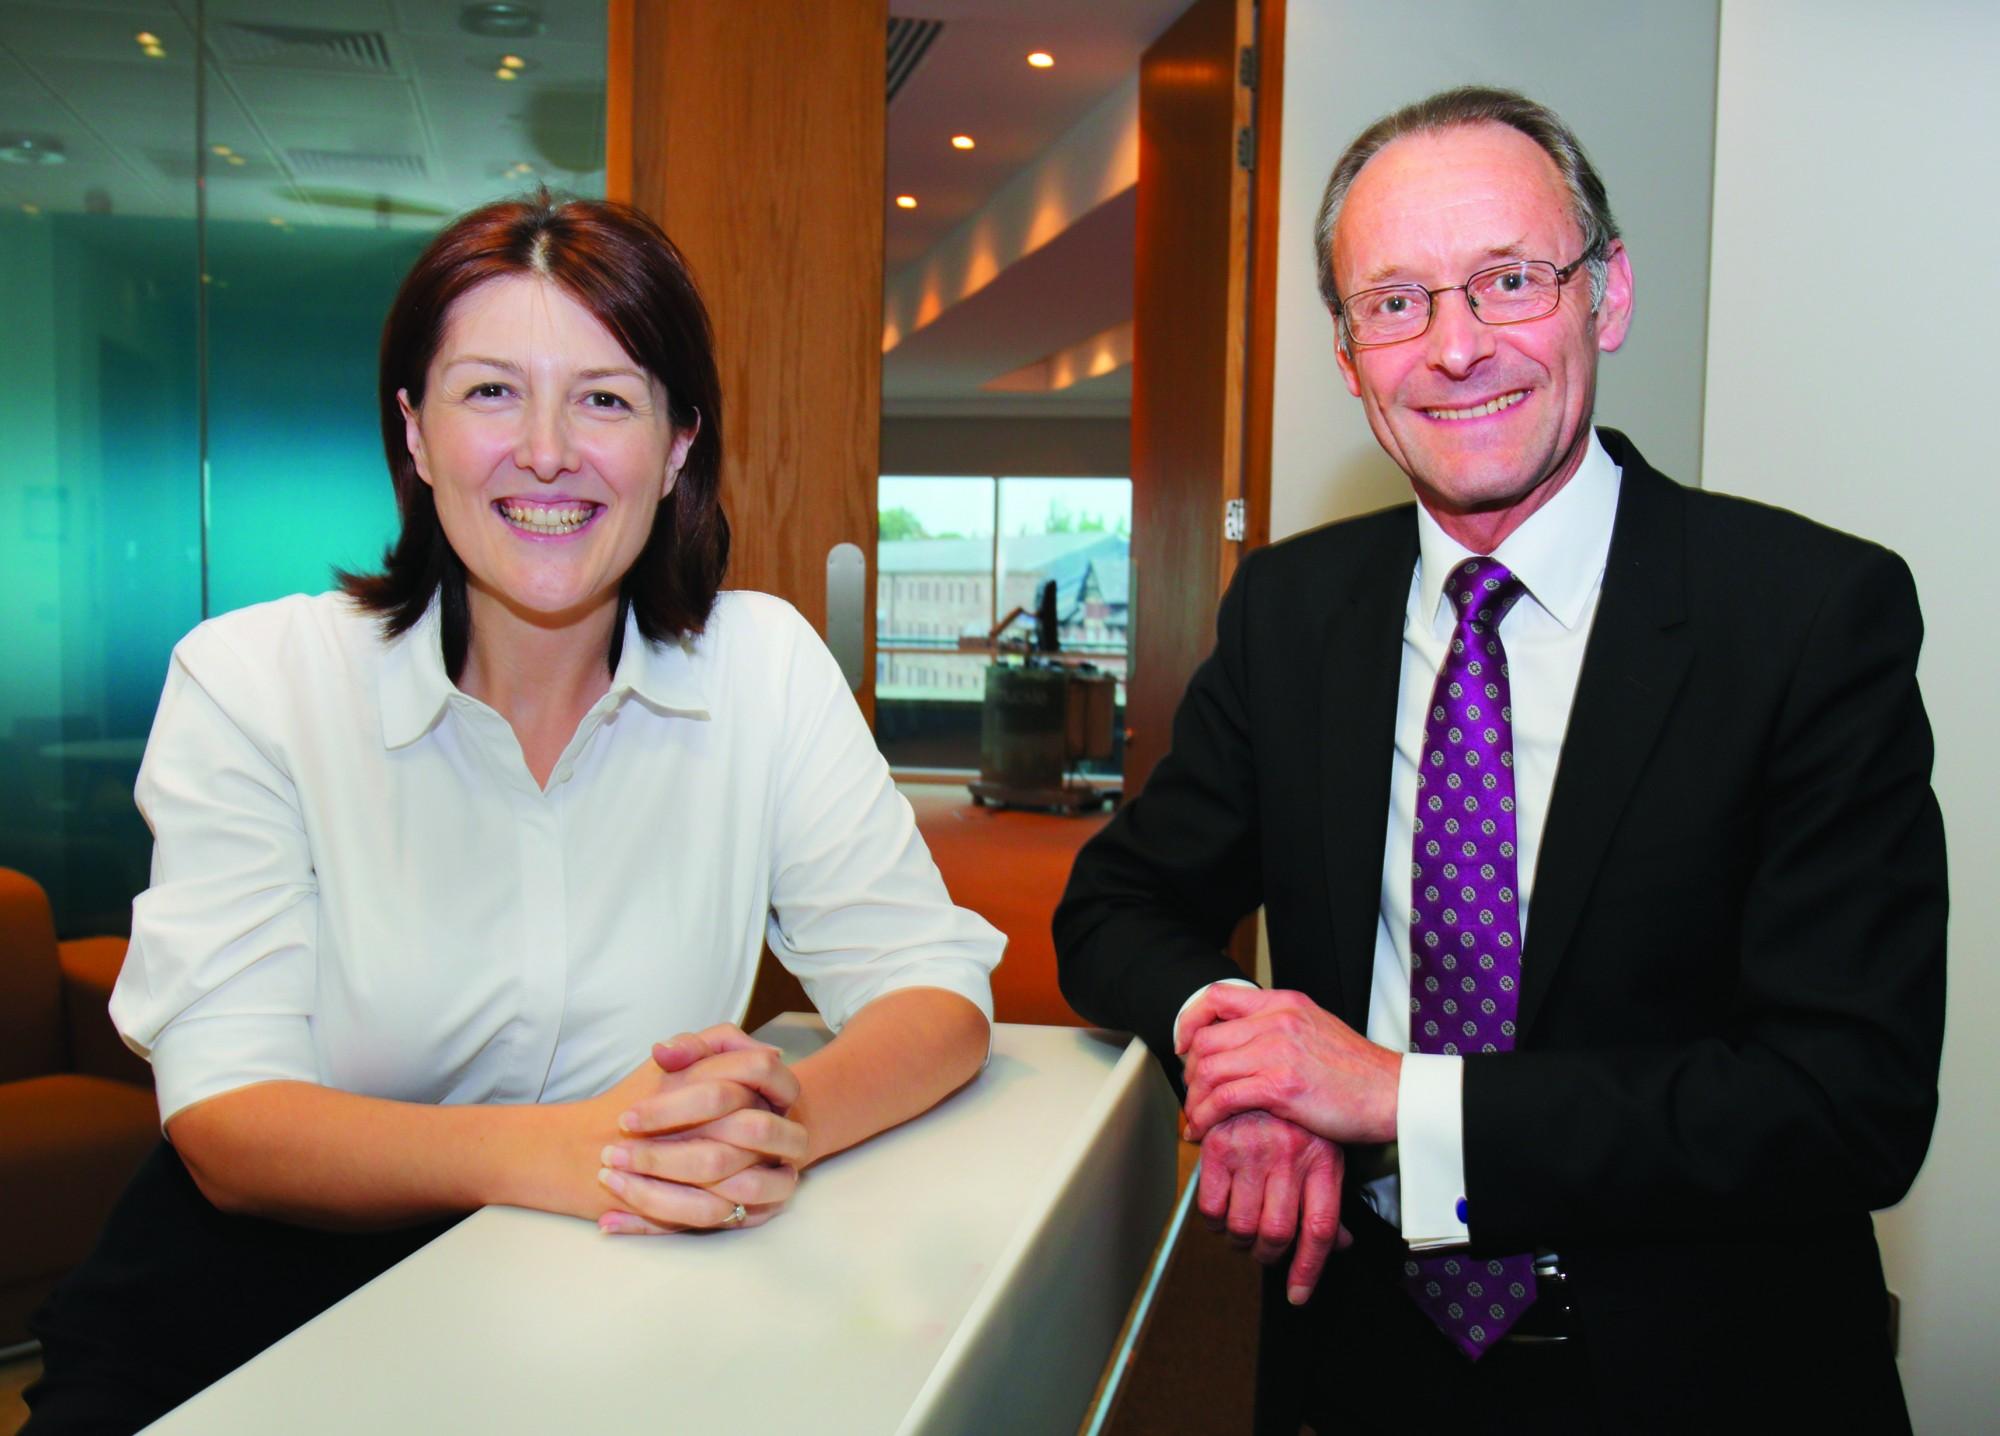 Dianne Sharp CBI-NE and Hugh Welch Muckle LLP